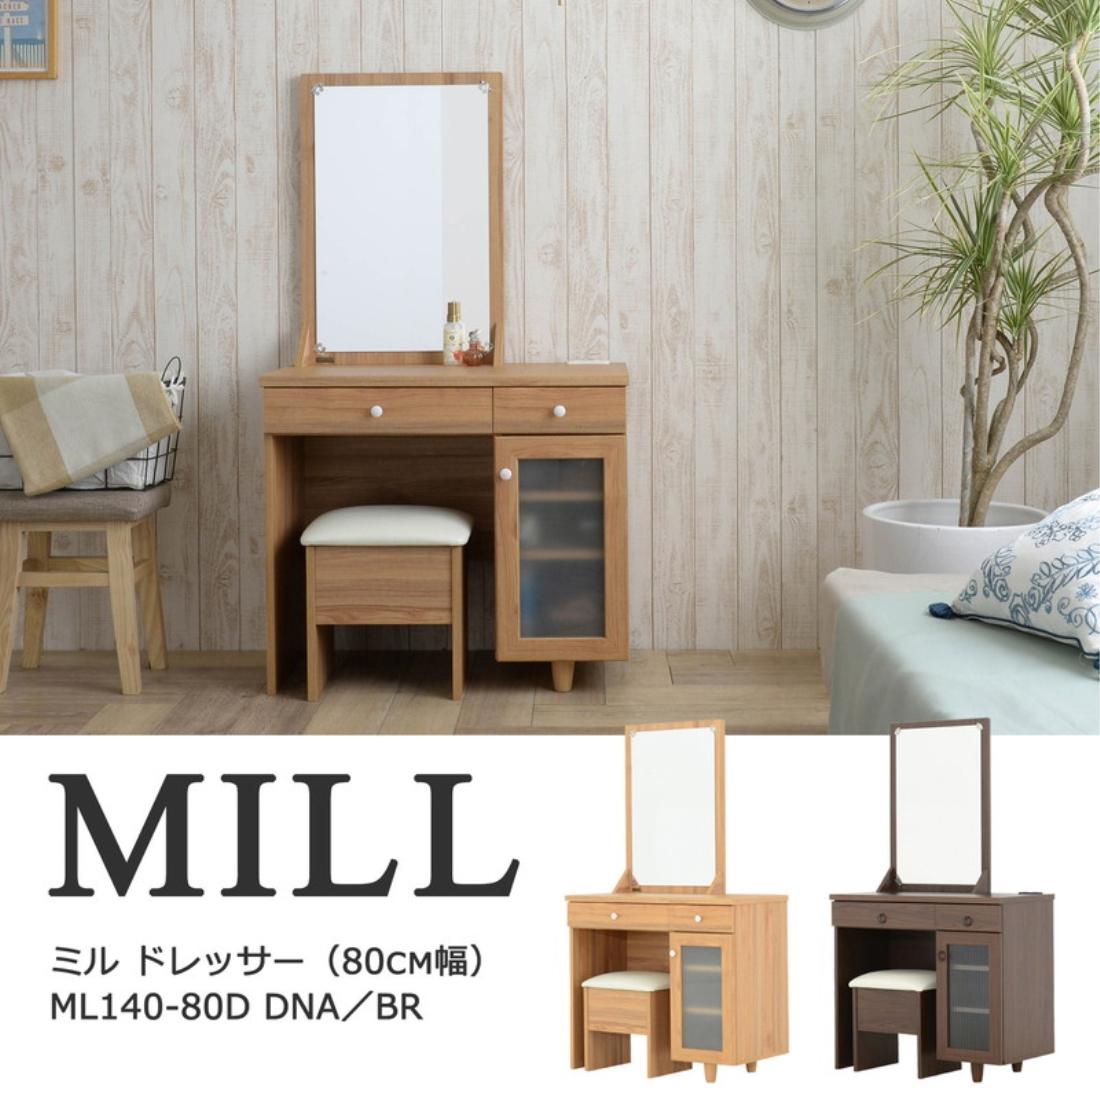 【送料無料】家具 化粧台 鏡台 MILL(ミル)ドレッサー(80cm幅)DNA/BR オシャレ